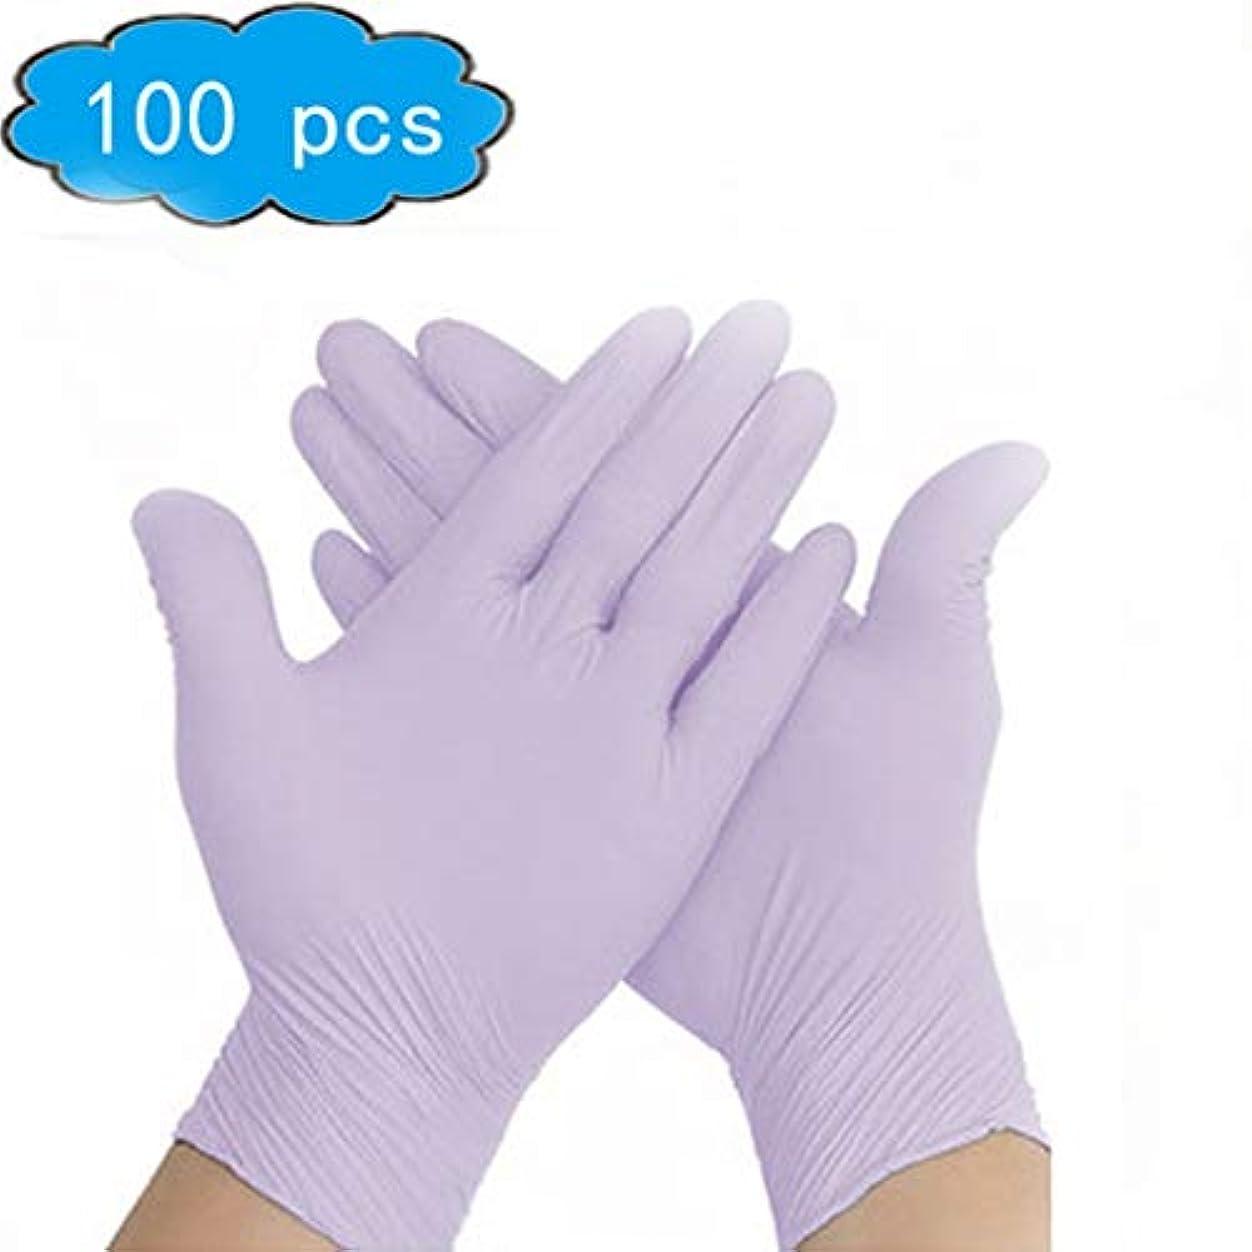 凶暴な形状エキスパートニトリル手袋 - 医療用グレード、パウダーフリー、使い捨て、非滅菌、食品安全、テクスチャード加工、紫色、便利なディスペンサーパッケージ100、中サイズ、サニタリー手袋 (Color : Purple, Size : L)